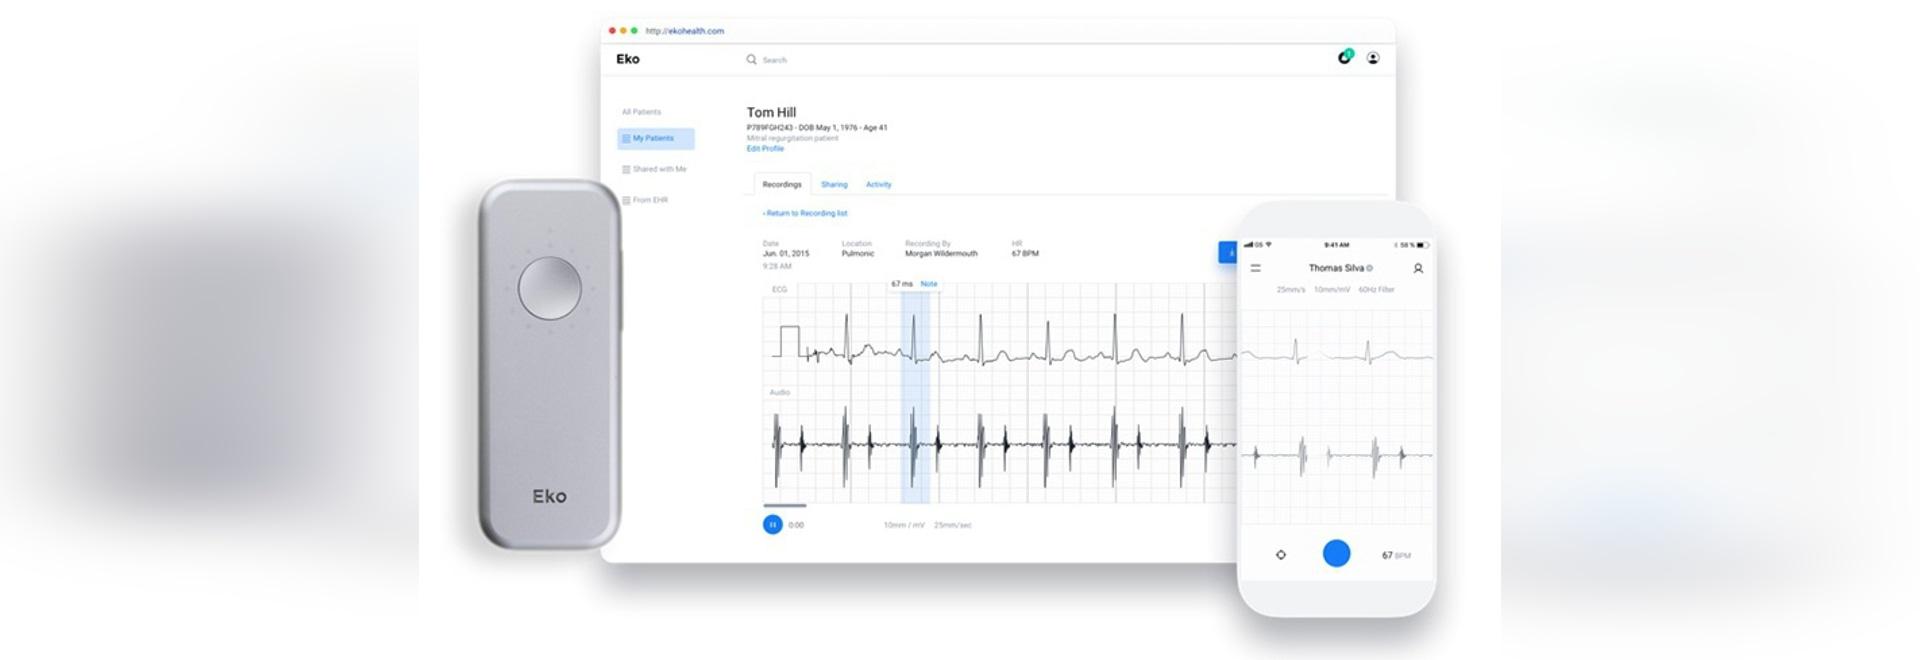 Eko et Mayo Clinic Working sur l'outil examinant cardiaque automatisé